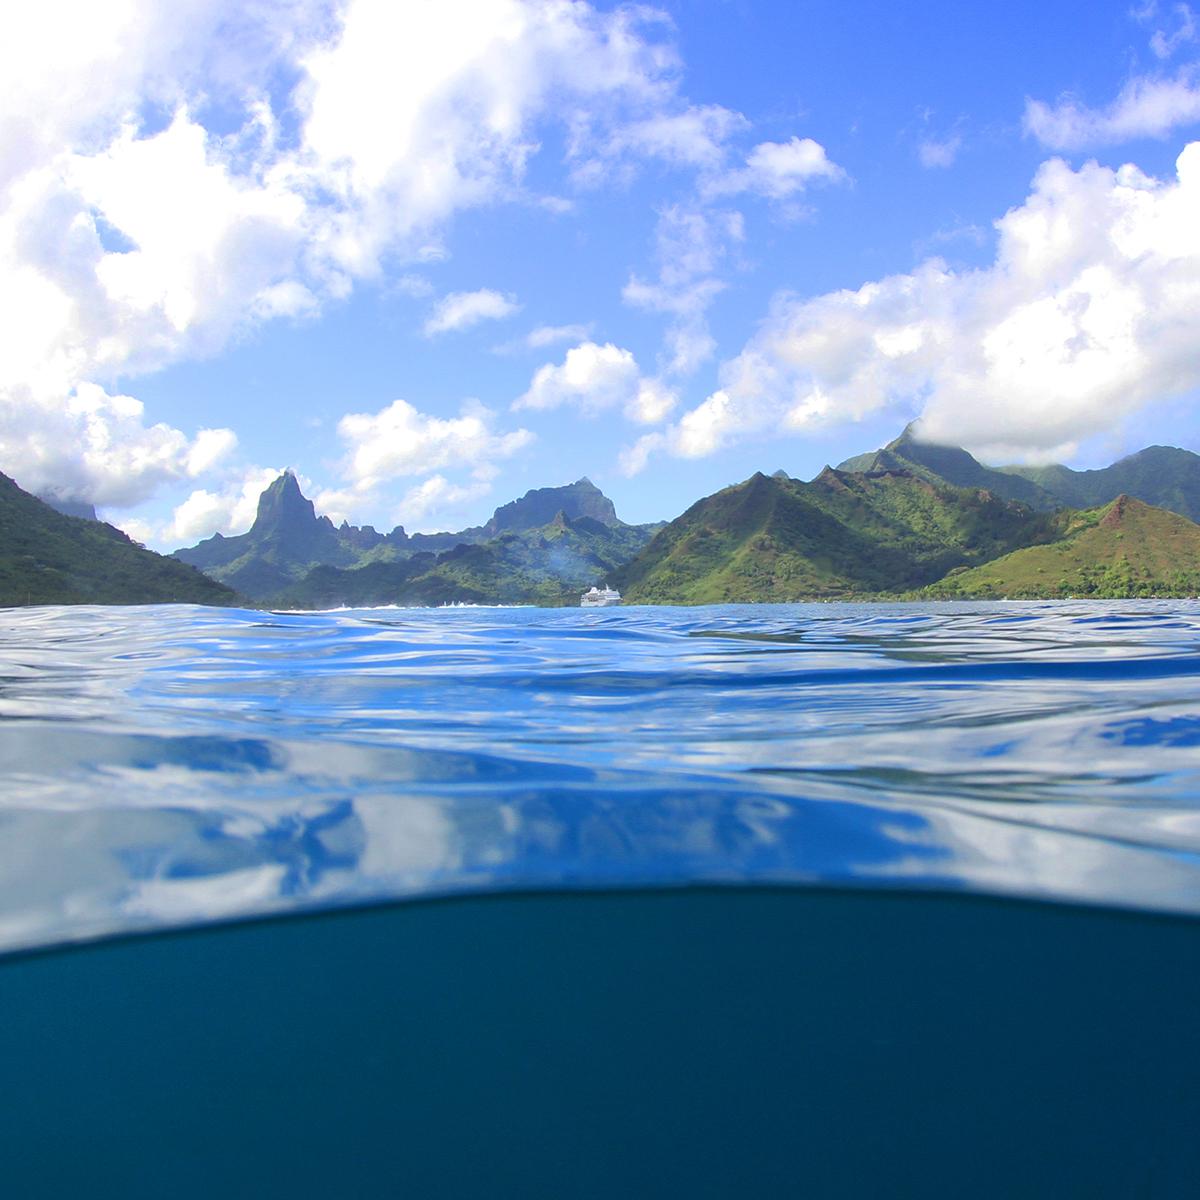 tahiti underwater photography